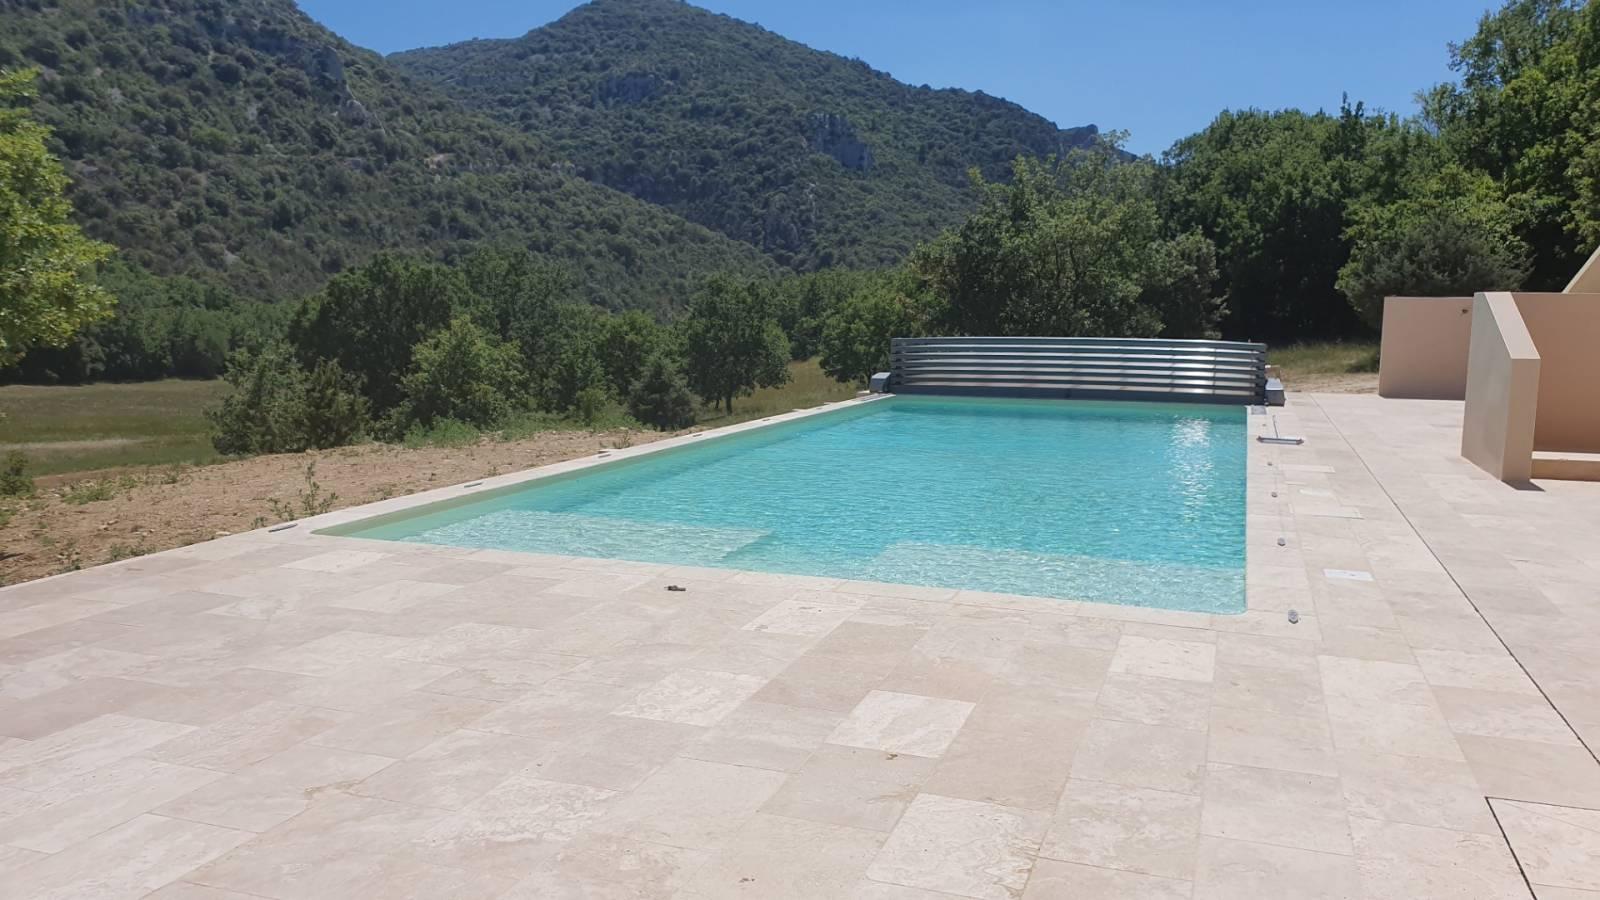 Constructeur De Piscine Montpellier construction d'une piscine sur mesure en béton magiline